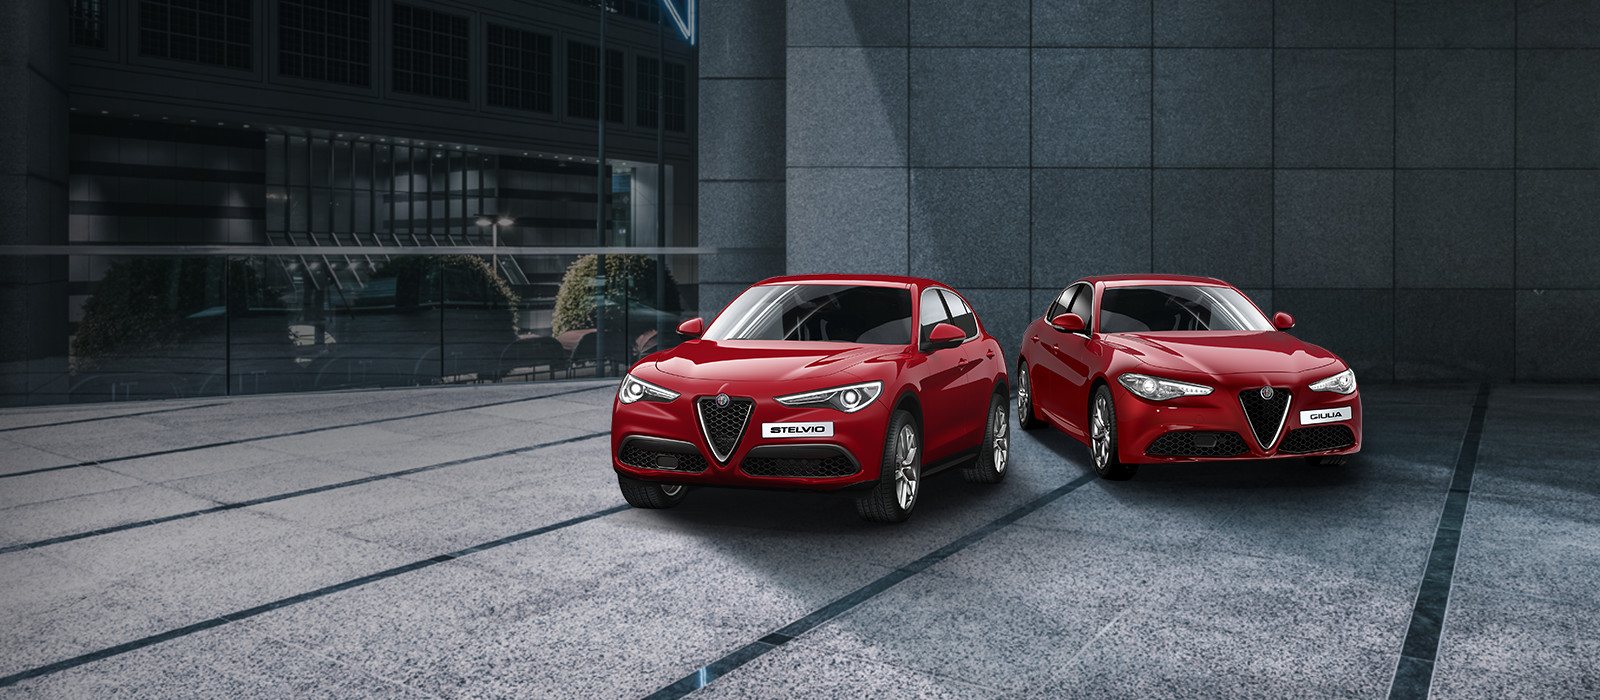 Atrakcyjny leasing samochodowy w ALFA ROMEO 6